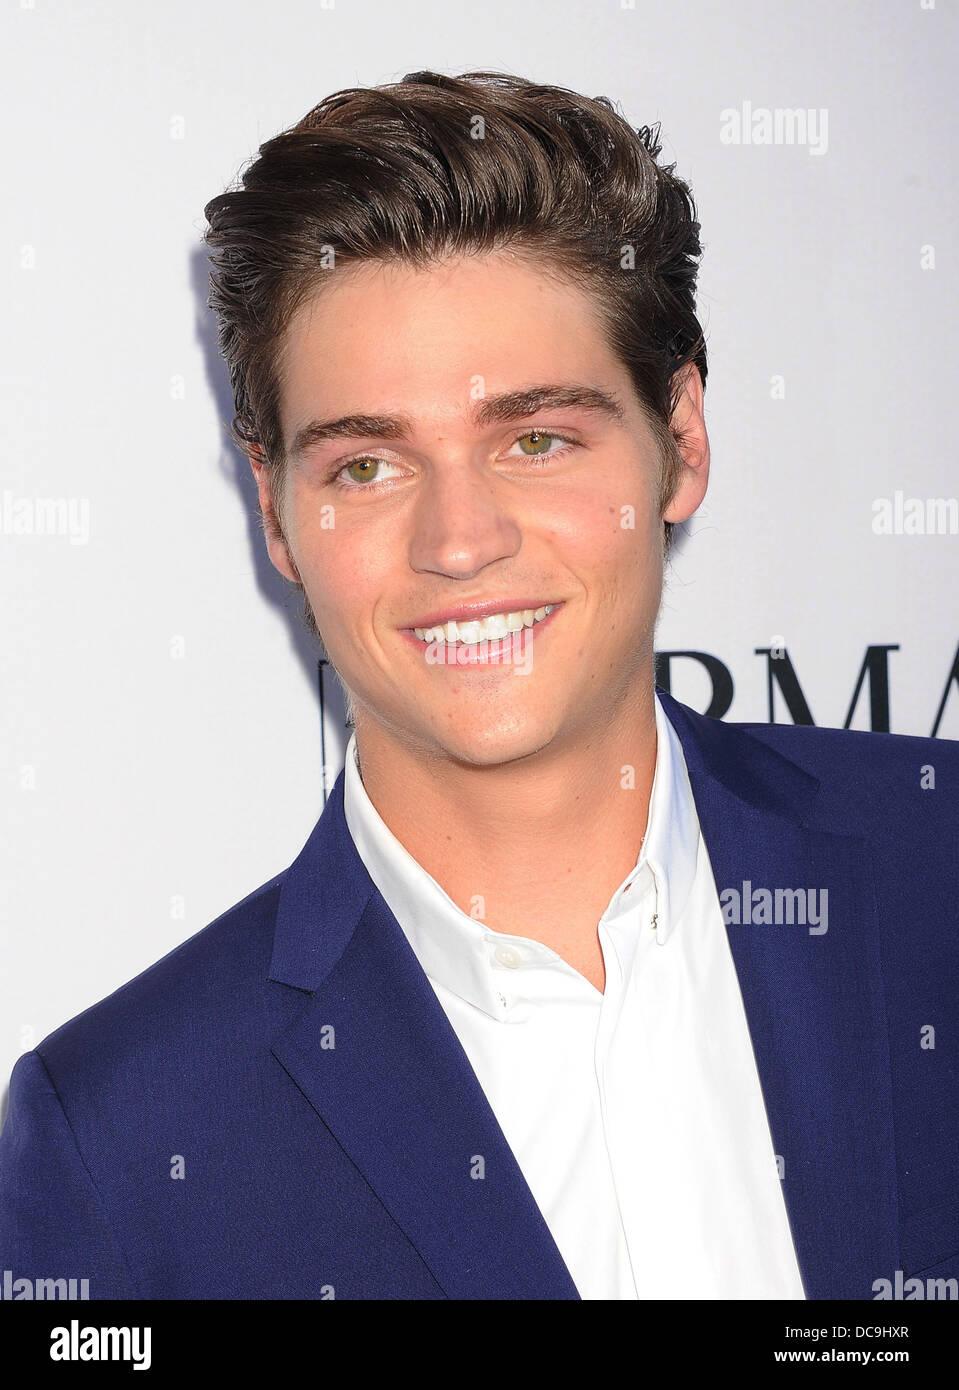 Sarà ci PELT attore di cinema in agosto 2013. Foto di Jeffrey Mayer Immagini Stock